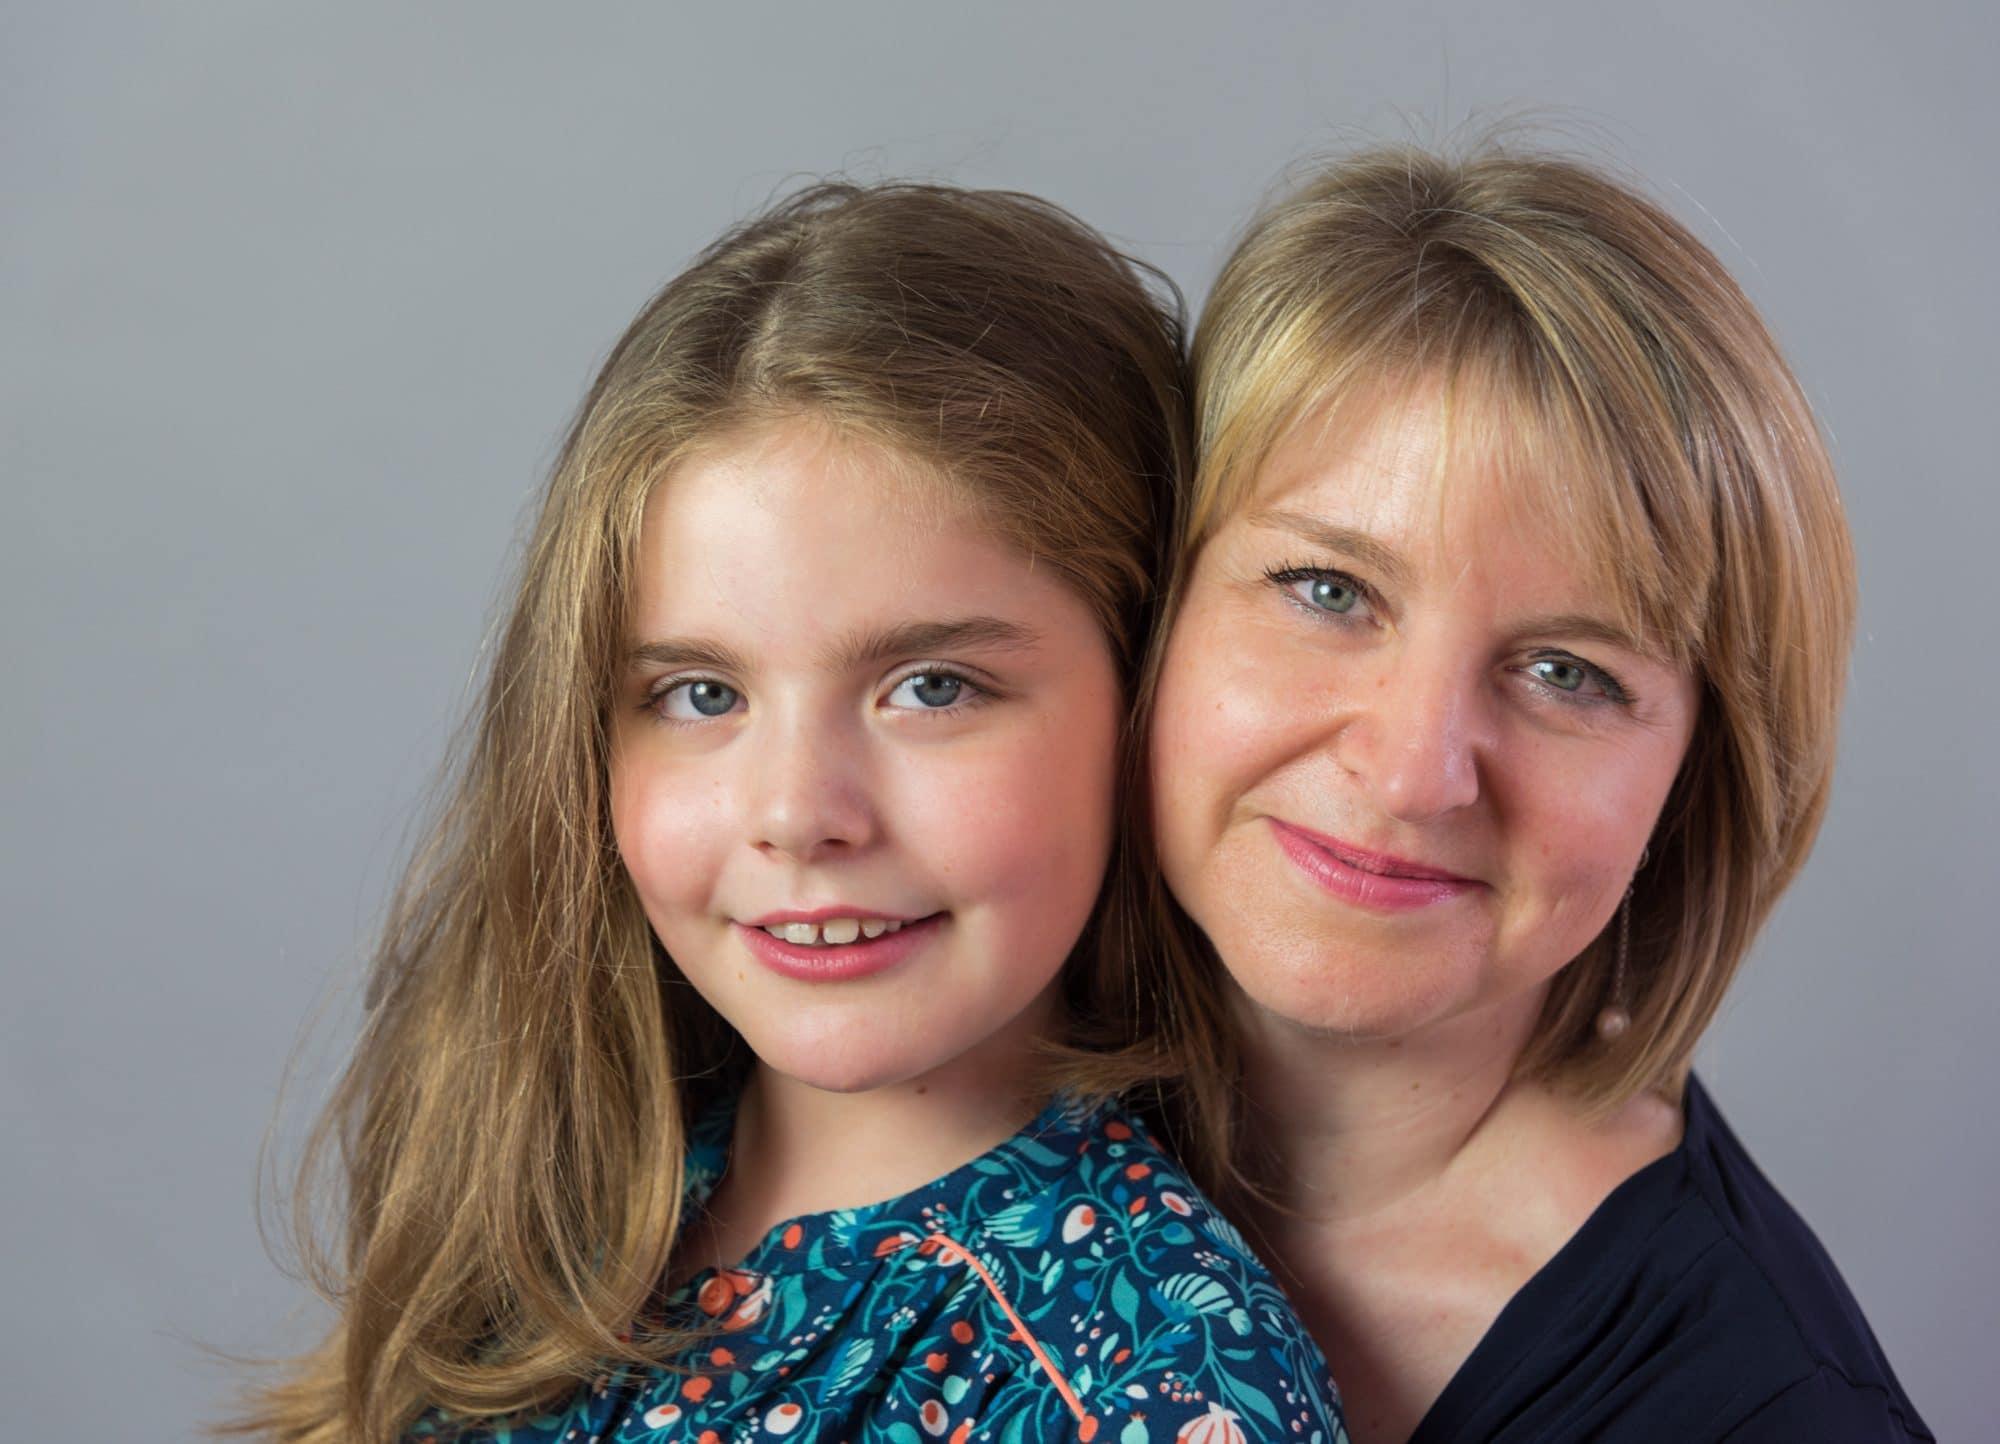 Photographe Halle Hal Portait Famille